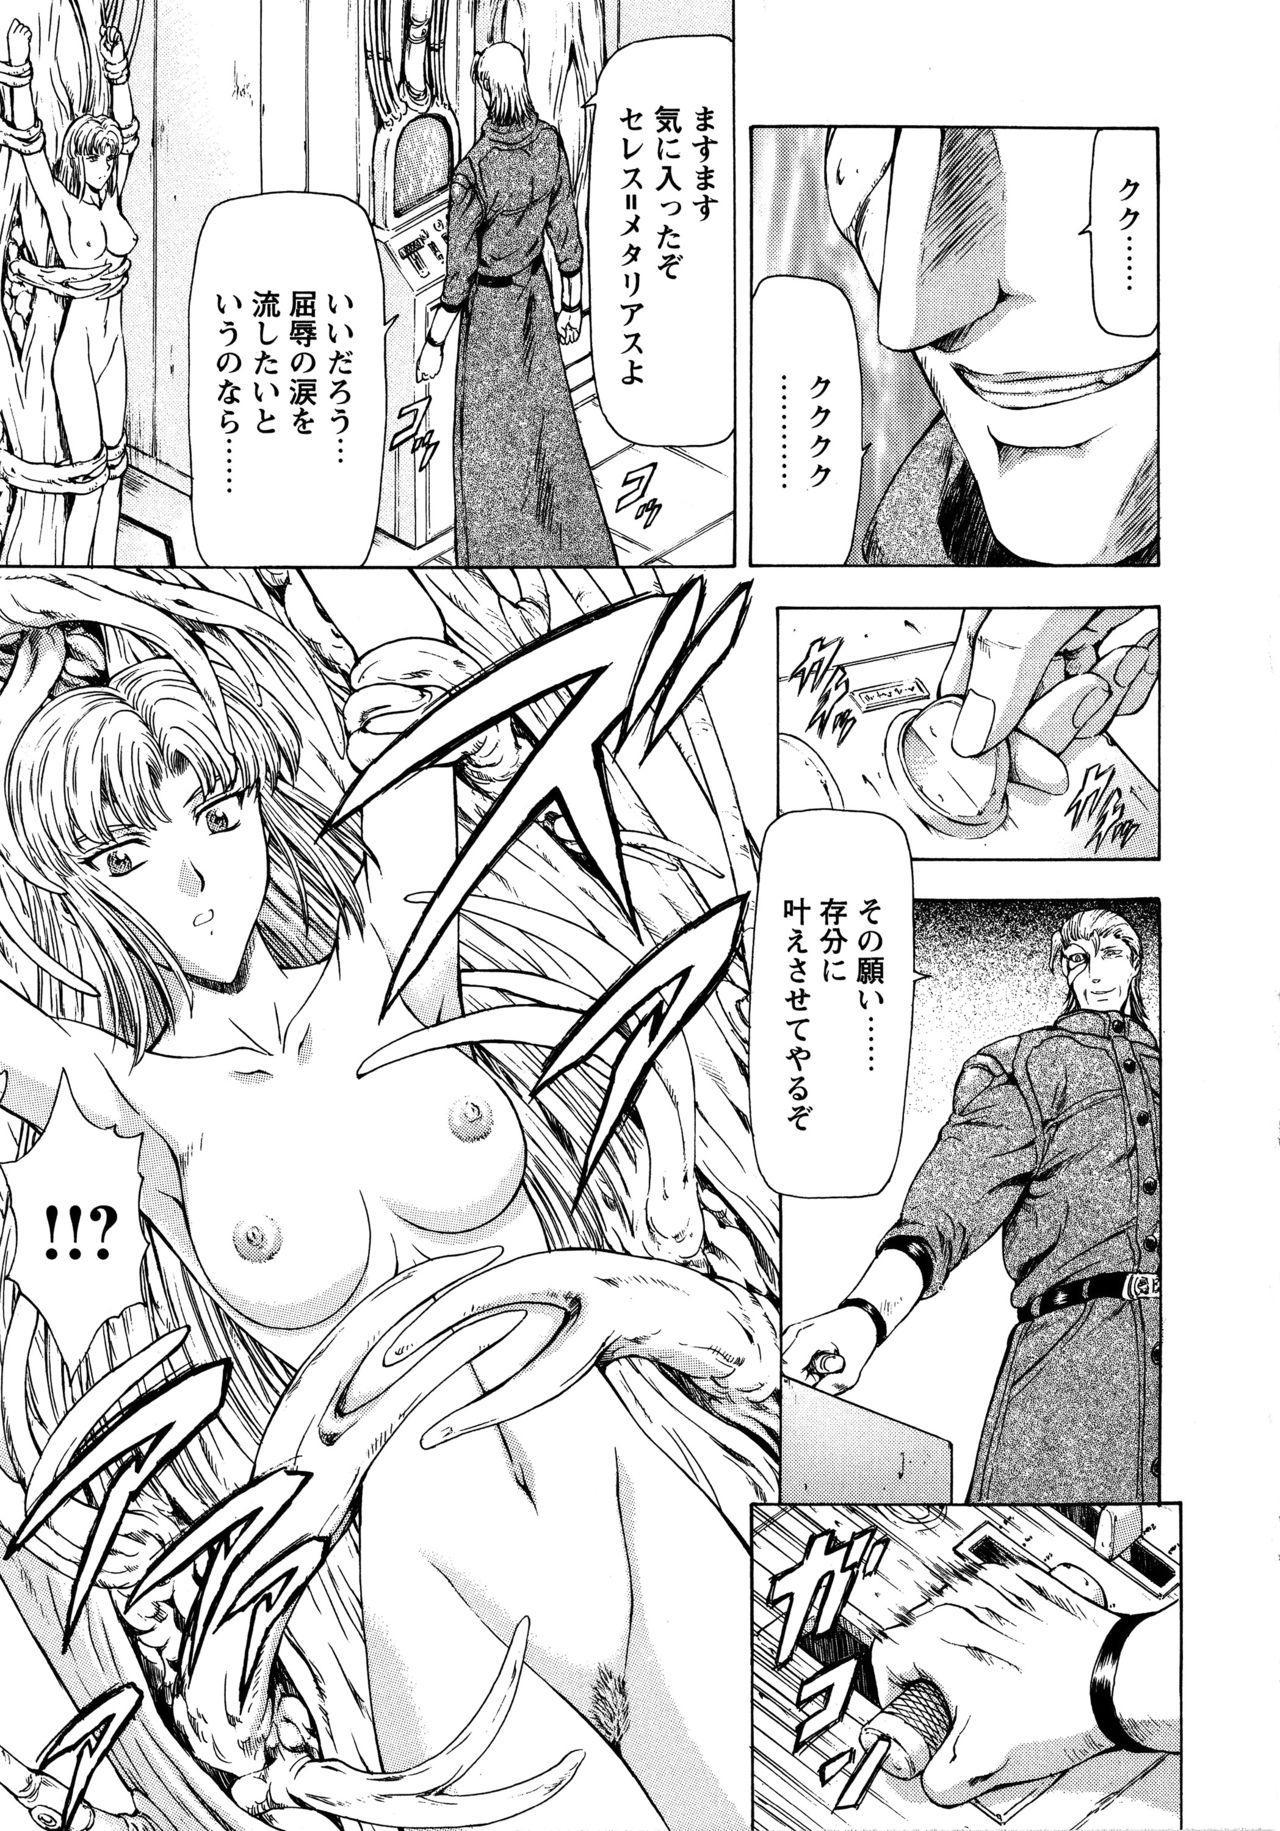 Ginryuu no Reimei Vol. 1 162